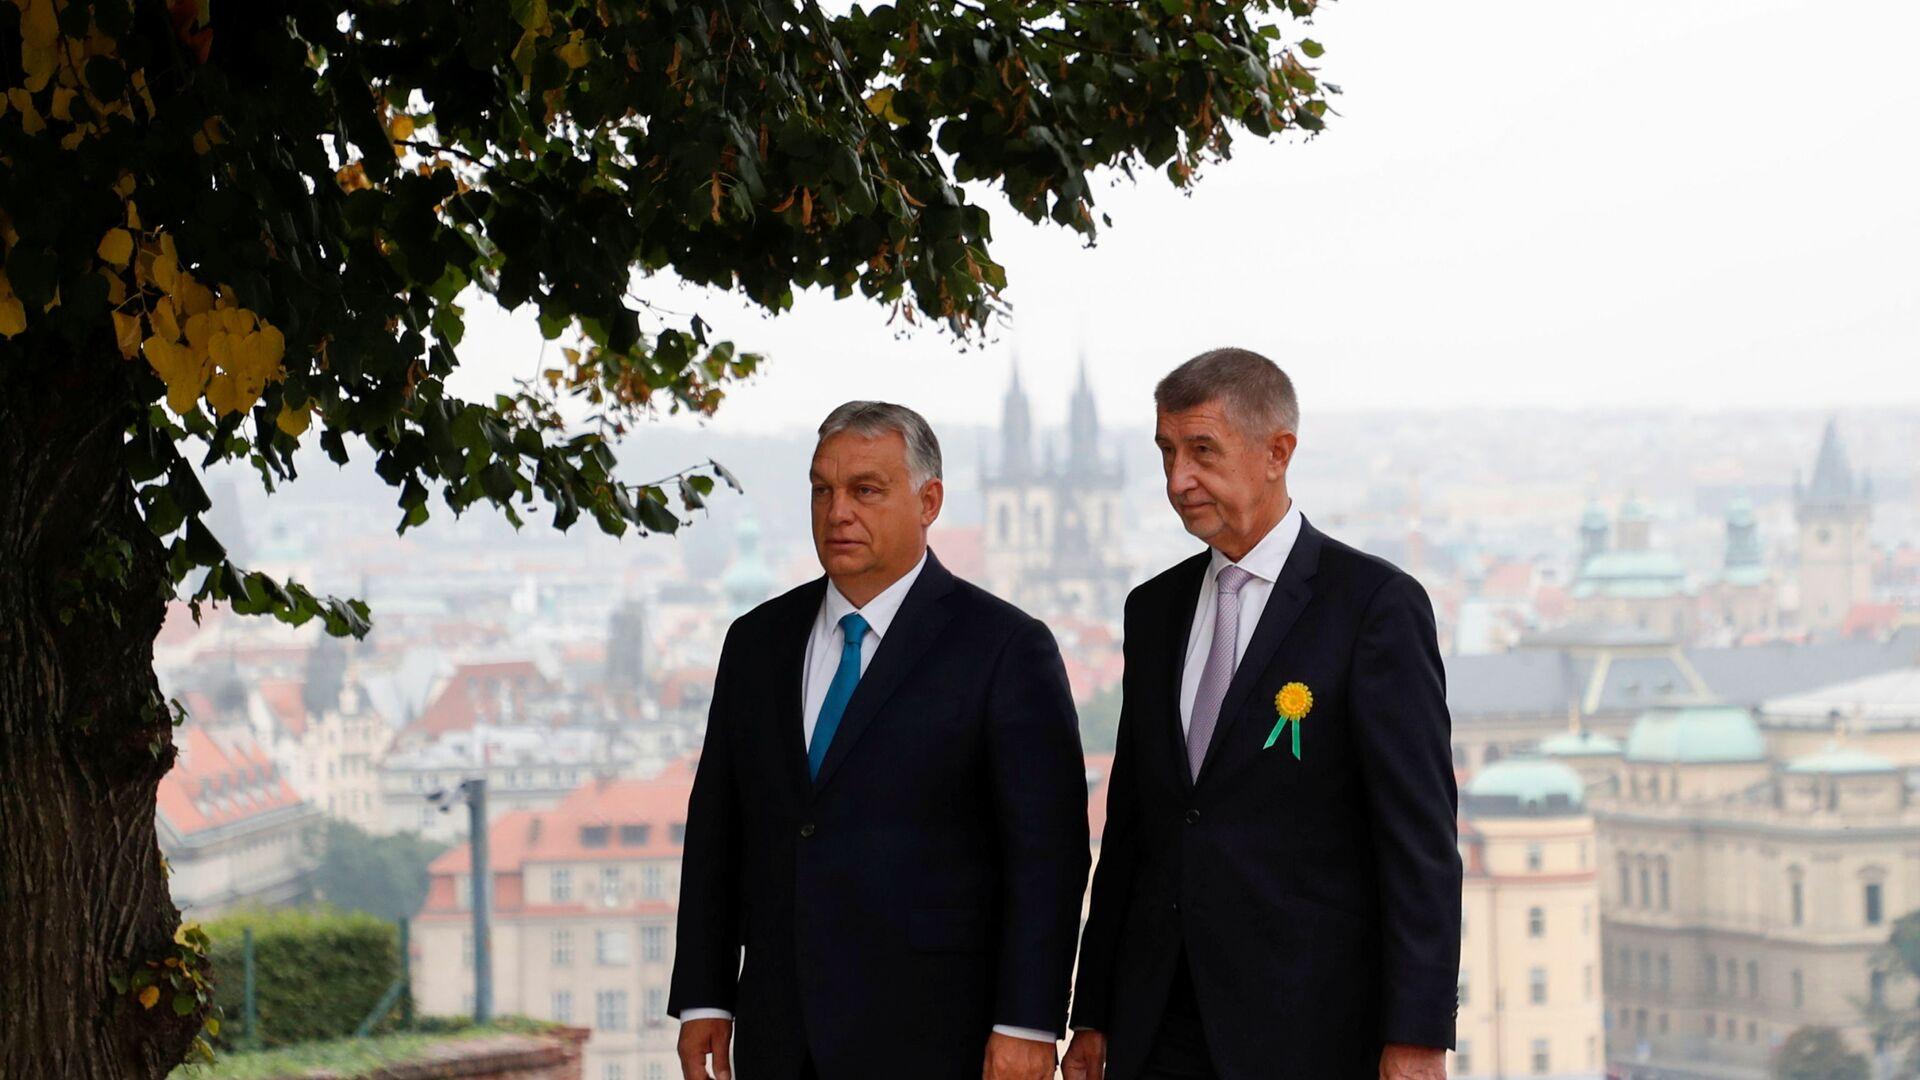 Maďarský premiér Viktor Orbán a český premiér Andrej Babiš - Sputnik Česká republika, 1920, 29.09.2021